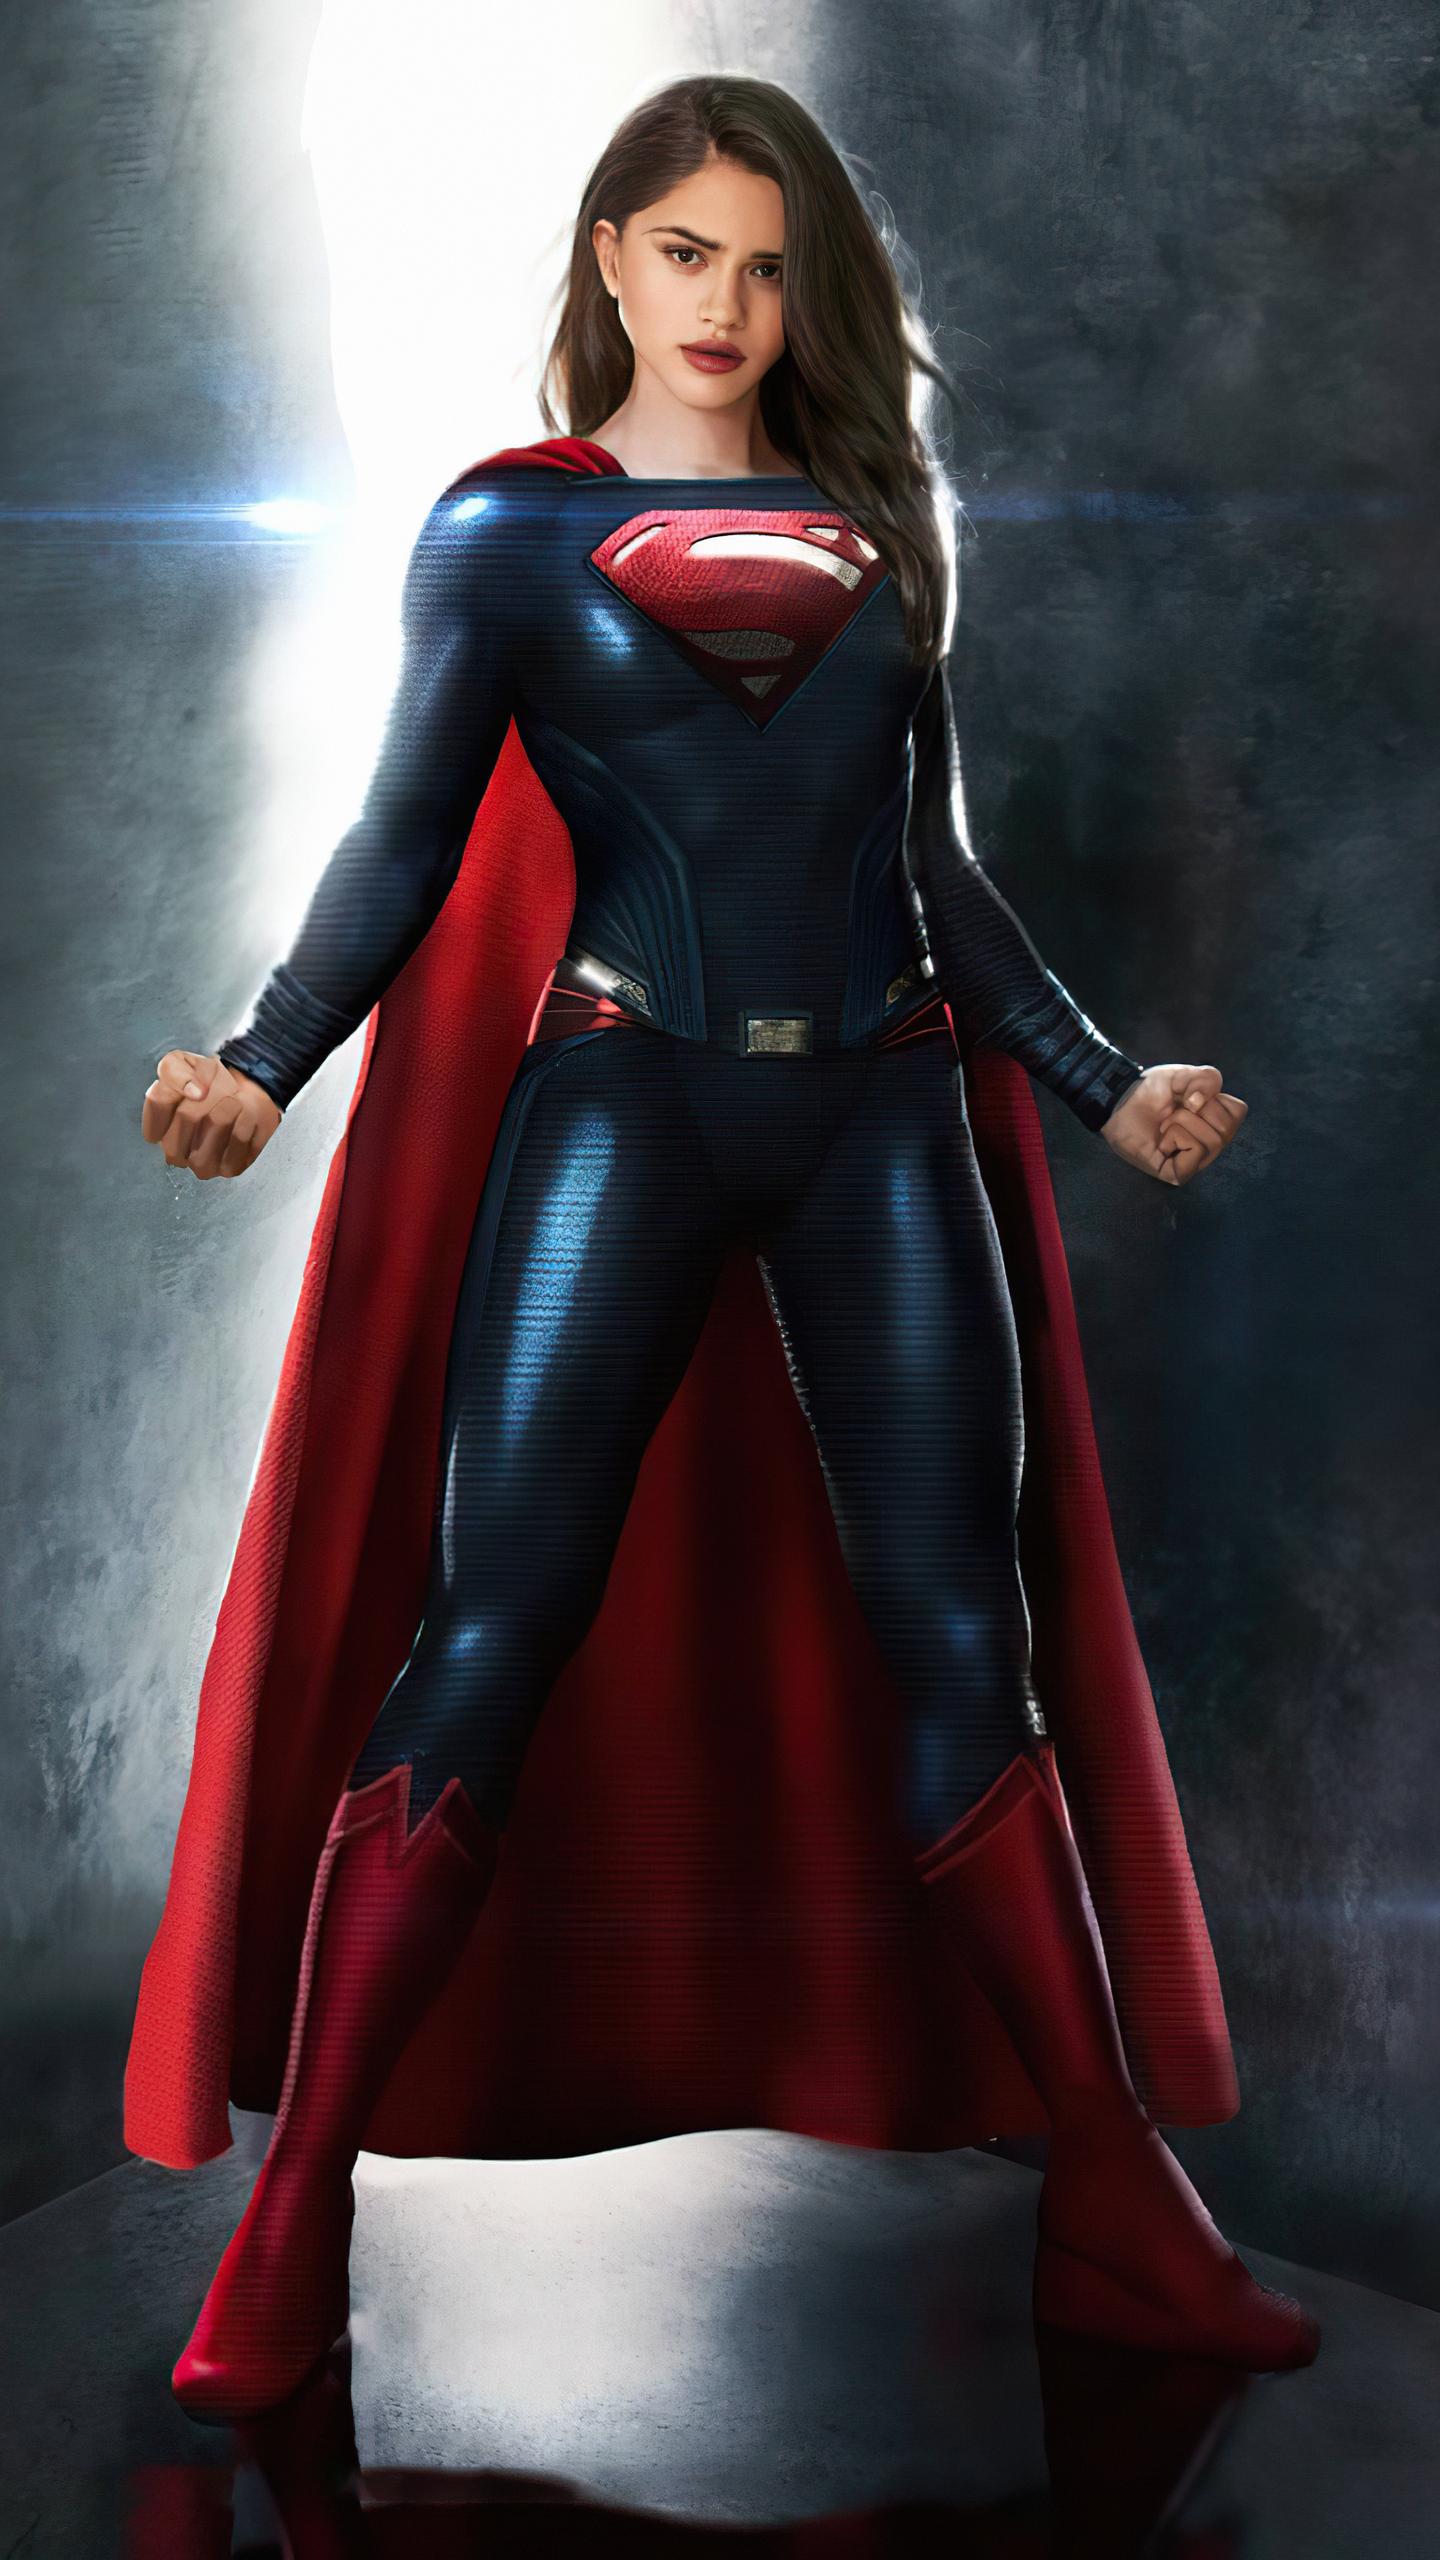 sashacalle-as-supergirl-4k-j0.jpg